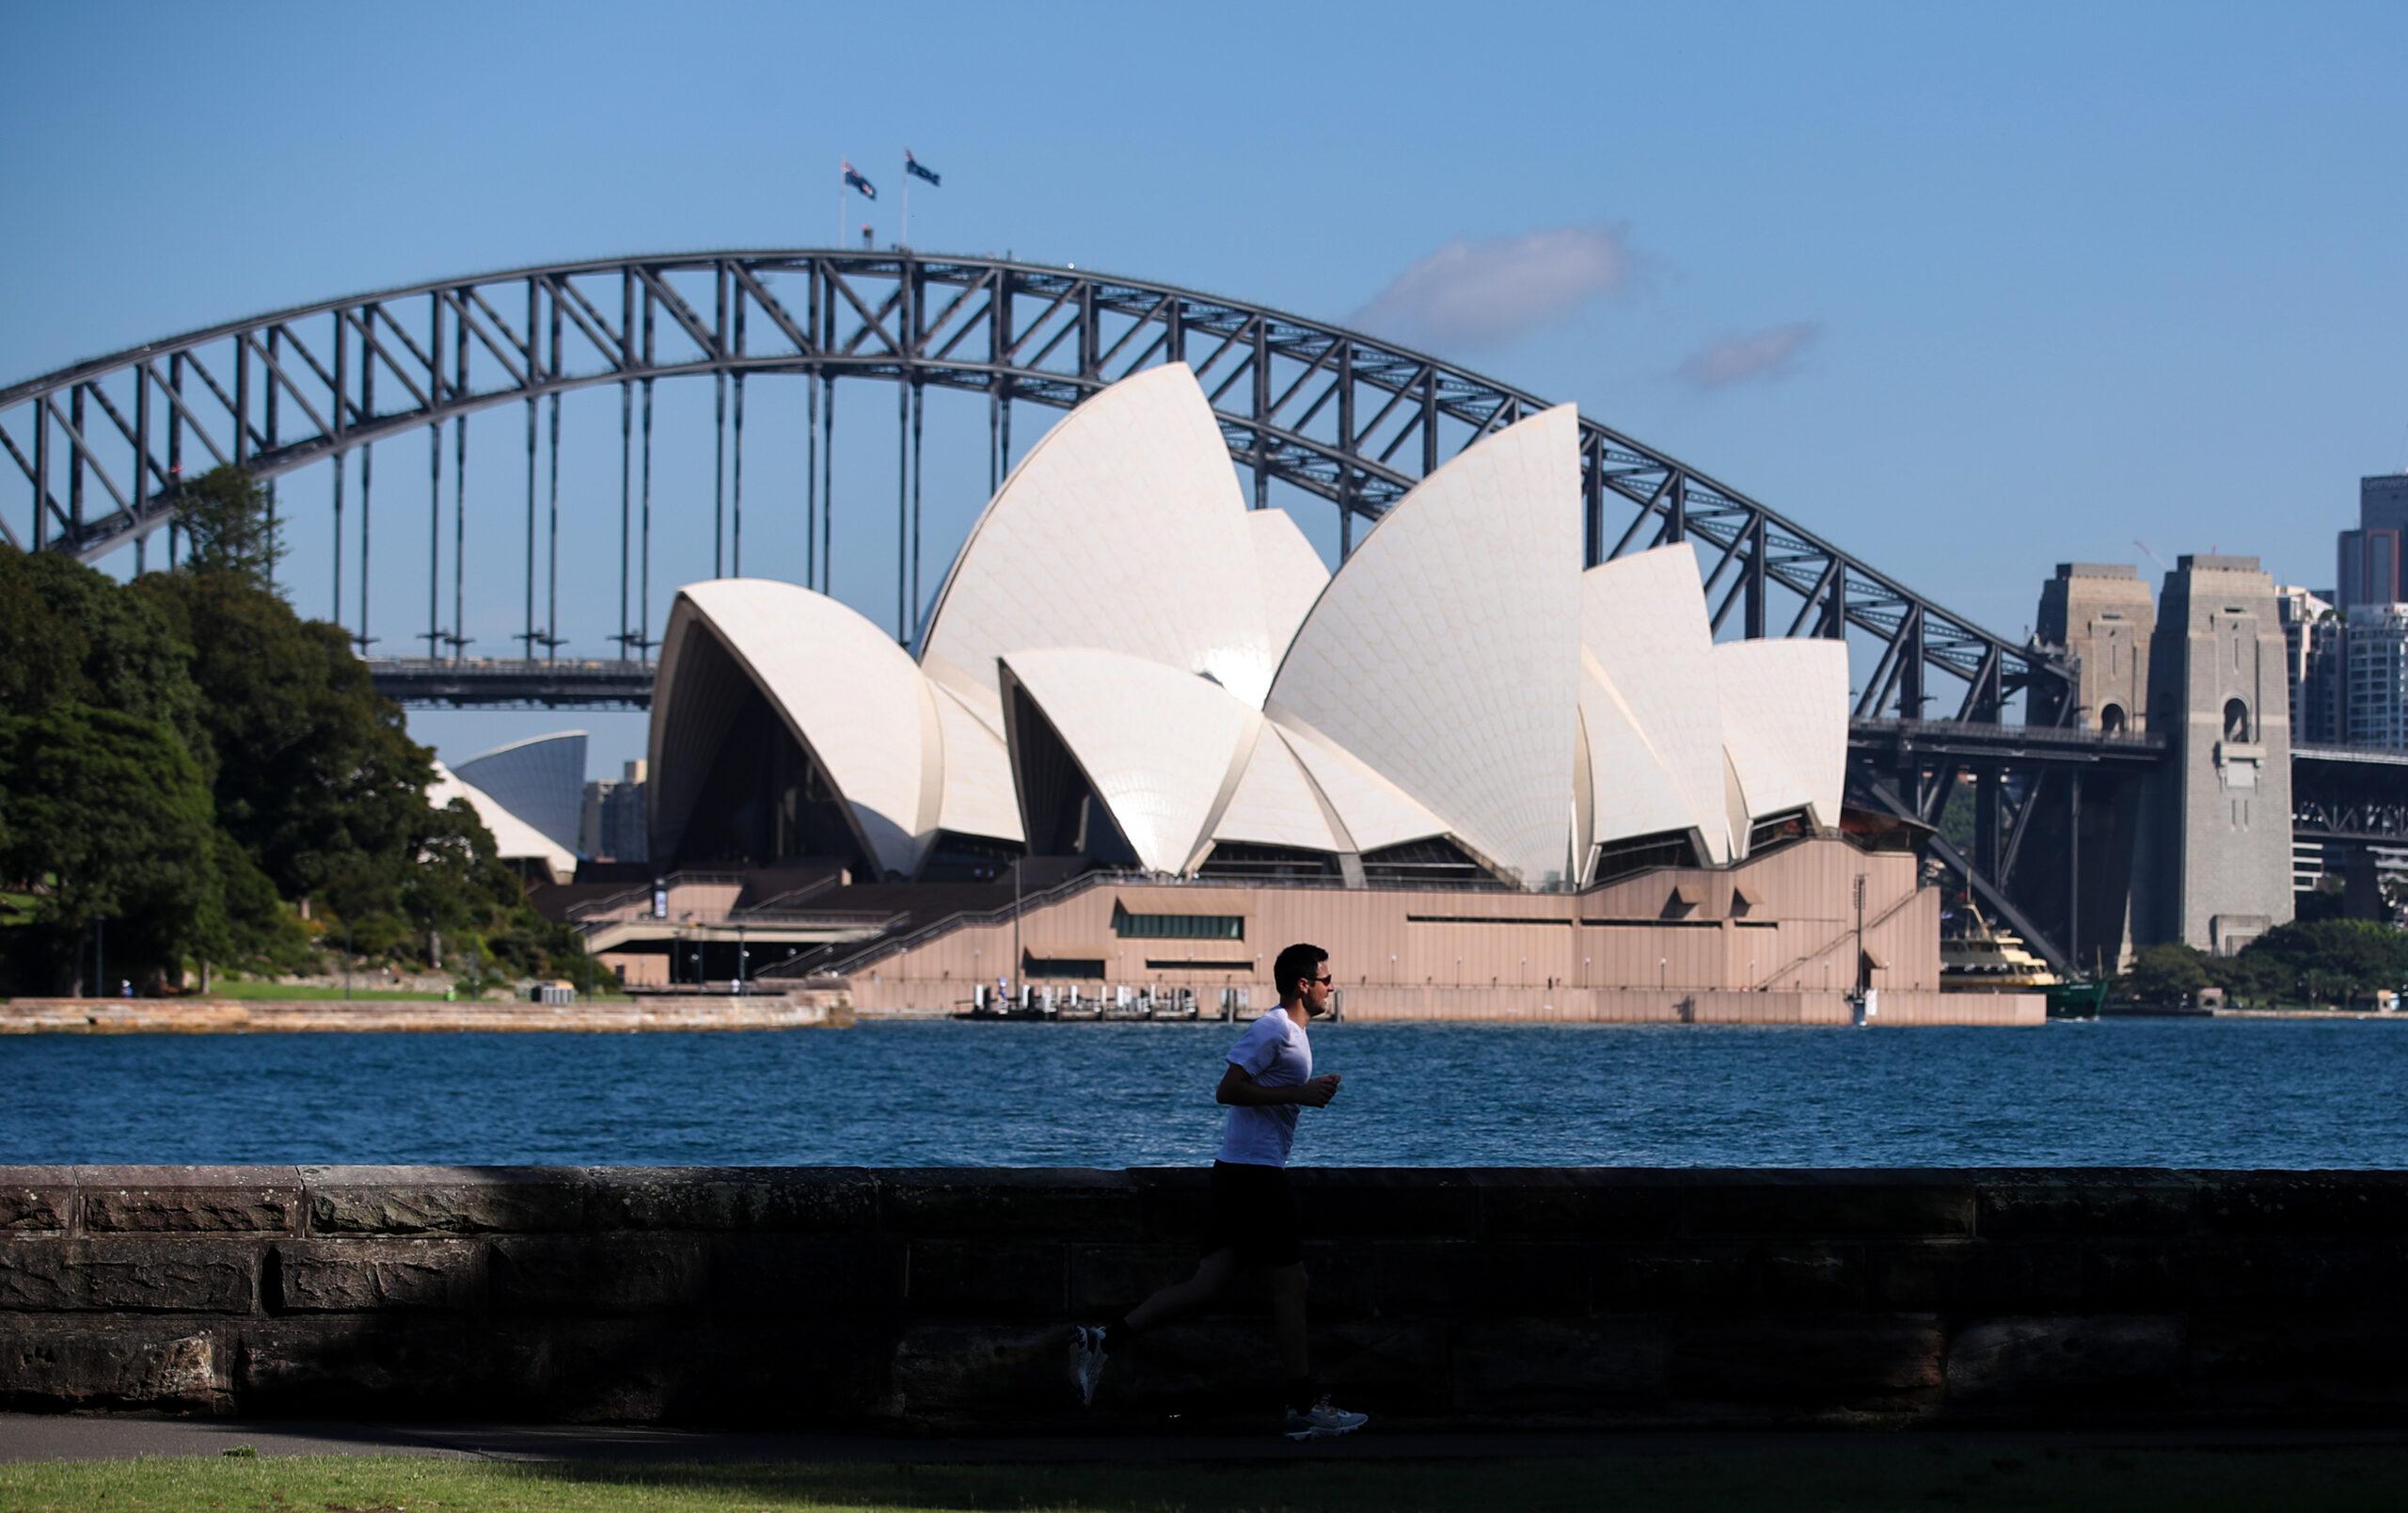 ออสเตรเลียพบผู้เสียชีวิตรายที่ 2 หลังฉีดวัคซีนโควิด-19 'แอสตราเซเนกา'